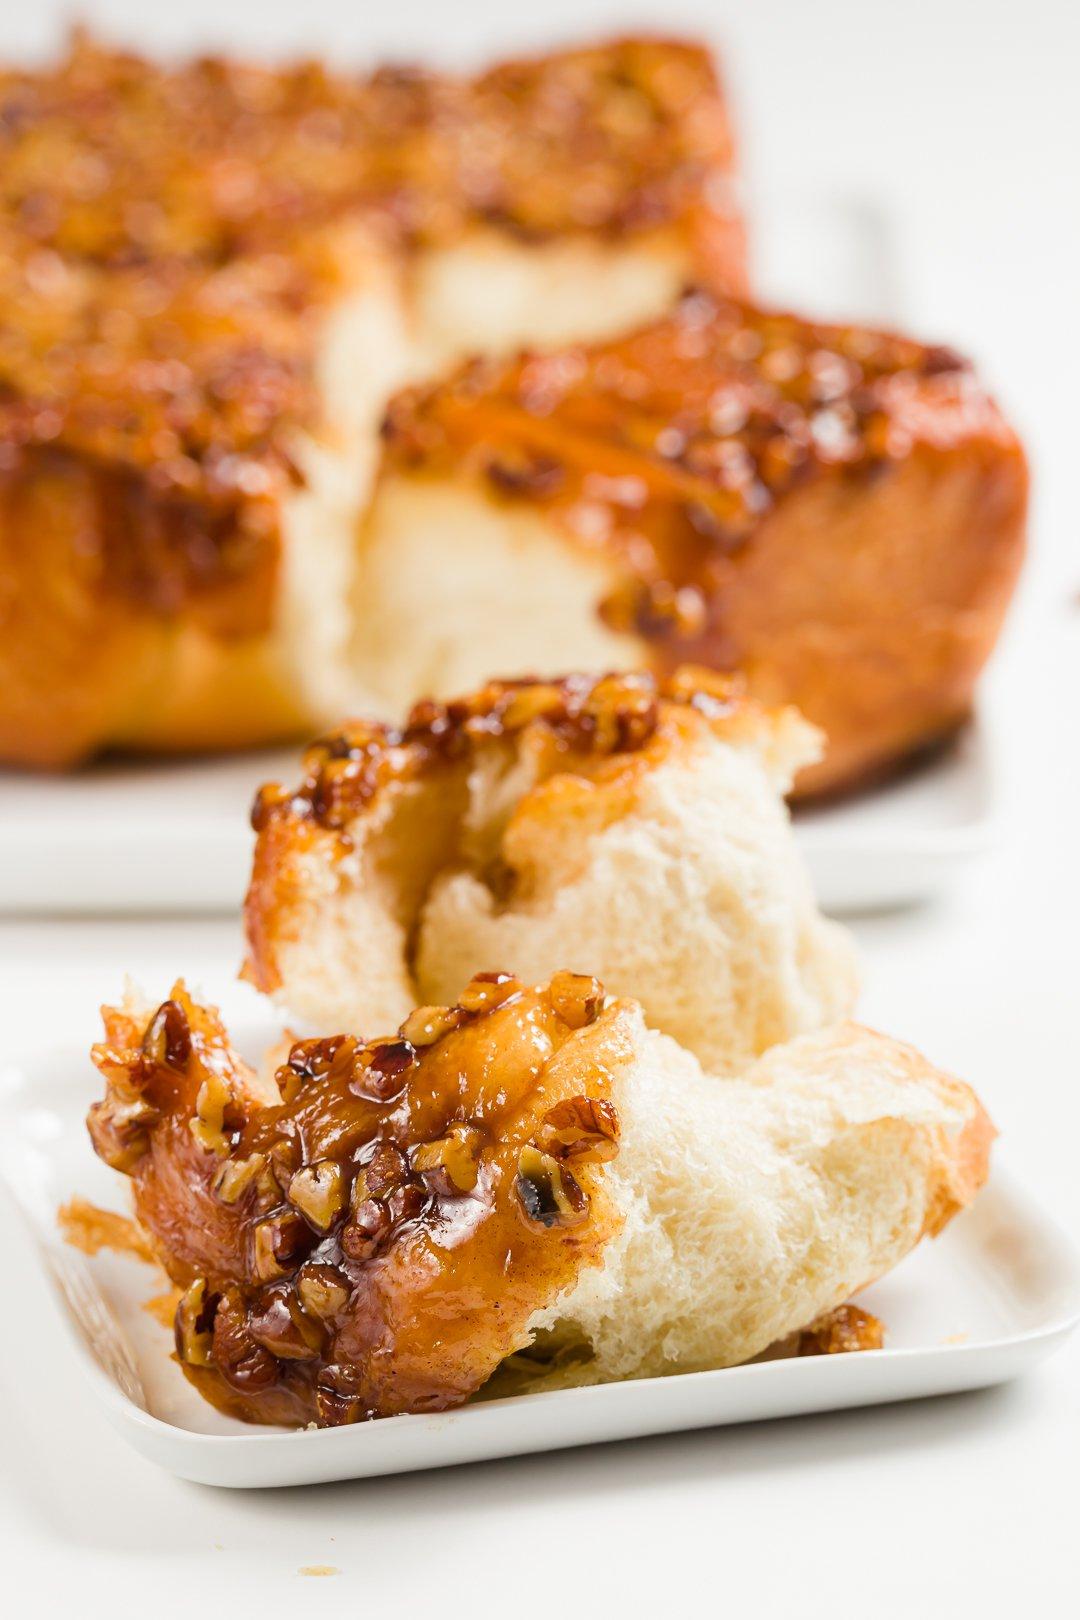 Pan de miel desgarrado en un plato